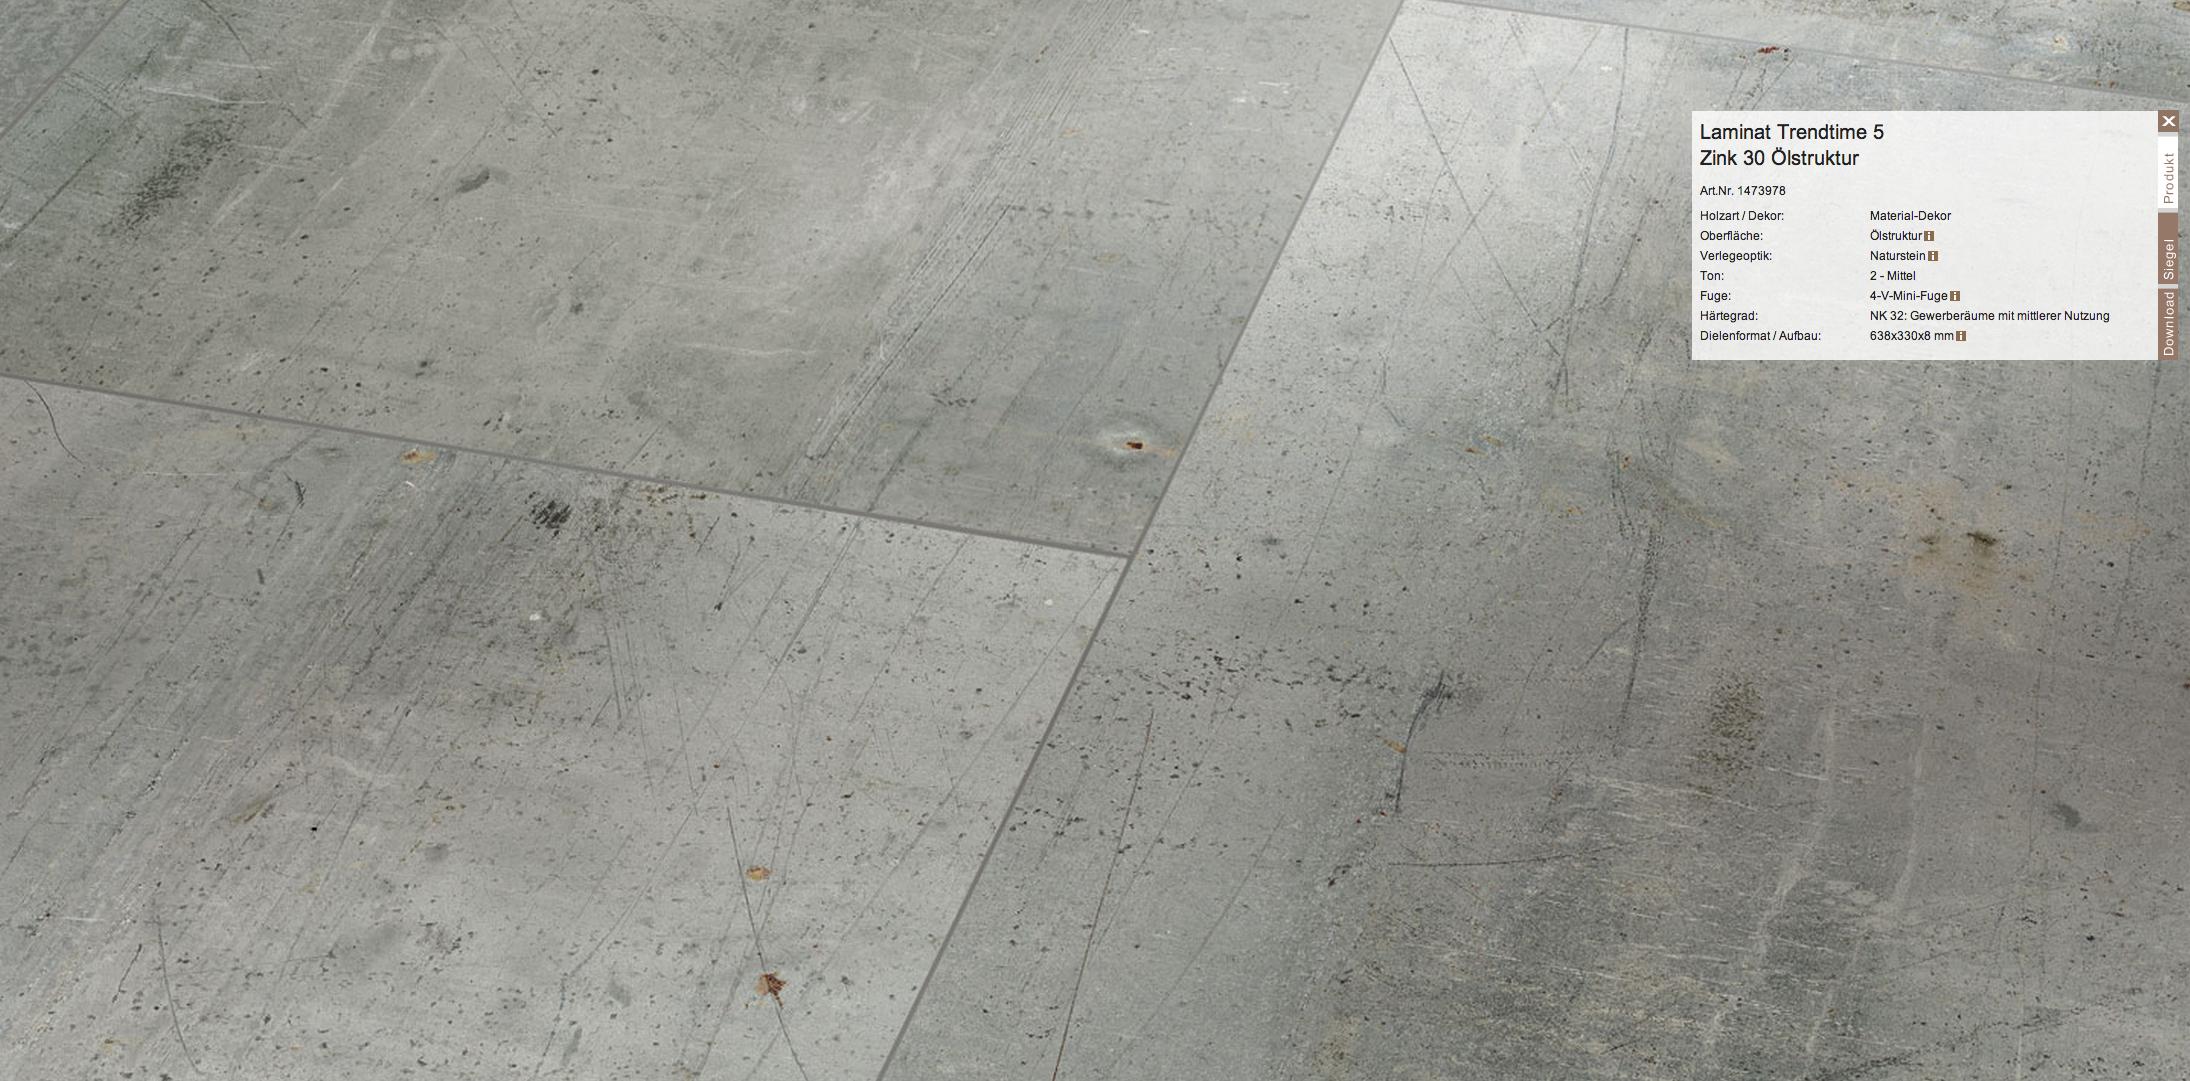 Full Size of Pvc Küche Moderner Bodenbelag Fr Kche Aktuelle Trends Und Neuheiten Ausstellungsstück Grau Hochglanz Industrie Eckschrank Vorratsdosen Nobilia Keramik Wohnzimmer Pvc Küche